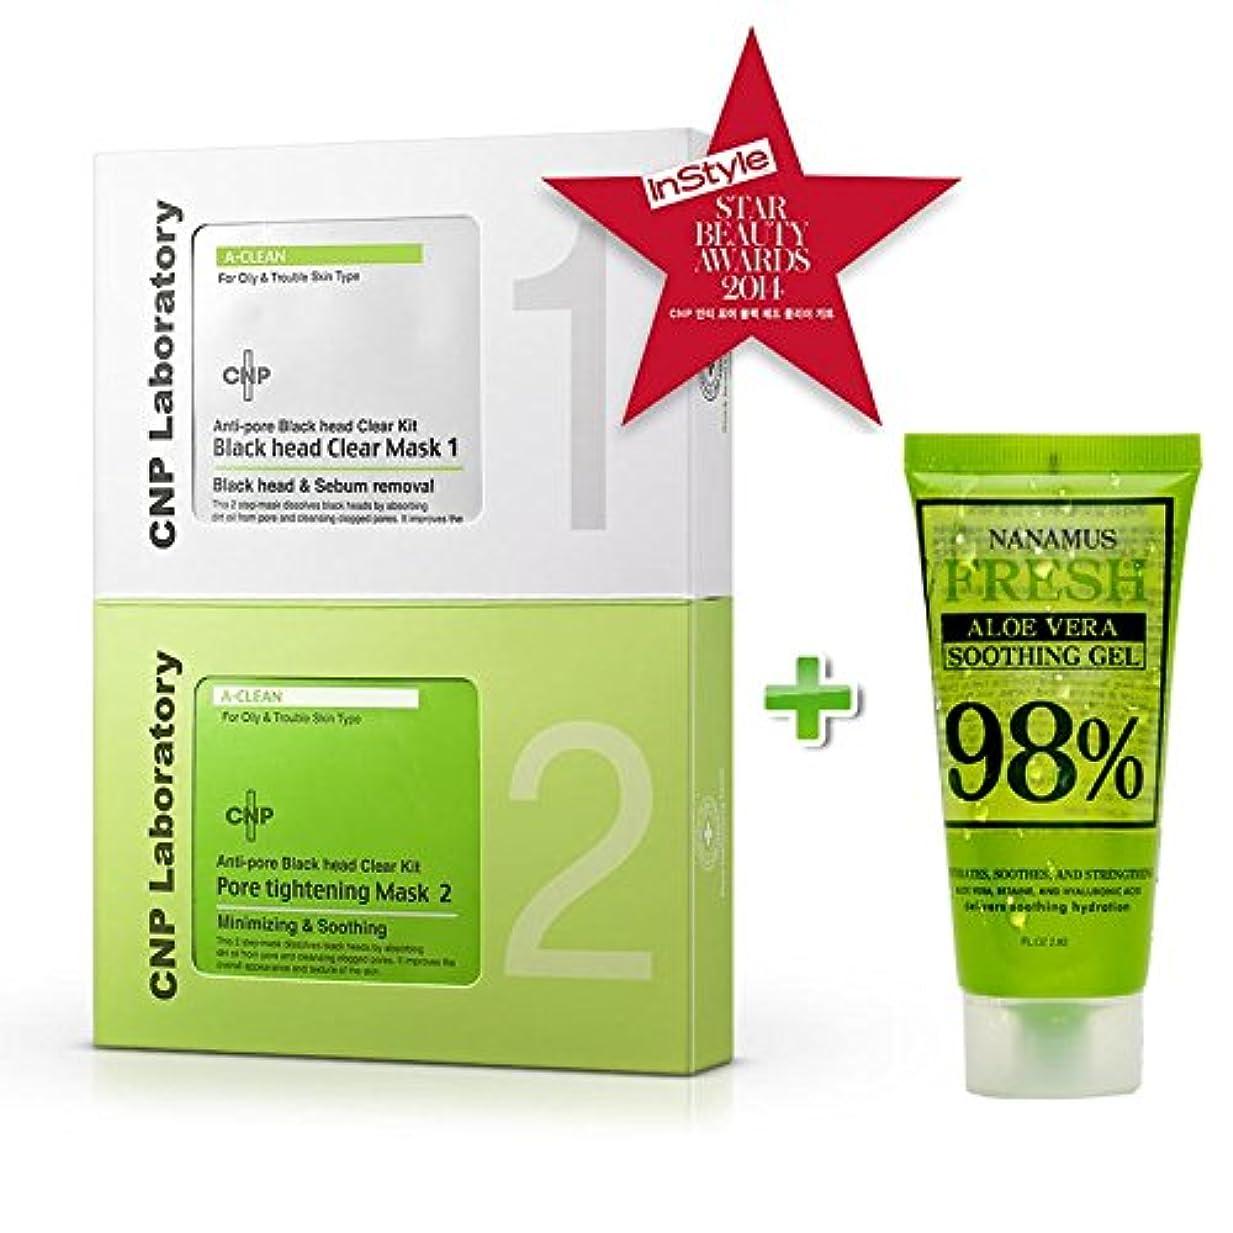 主婦ジュニア疑わしい差額泊/CNP Anti-pore Black head Clear Kit/ アンチポアブラックヘッドクリアキット (10枚)+ Gift アロエ98% ナナムース スディンジェル(海外直送品)